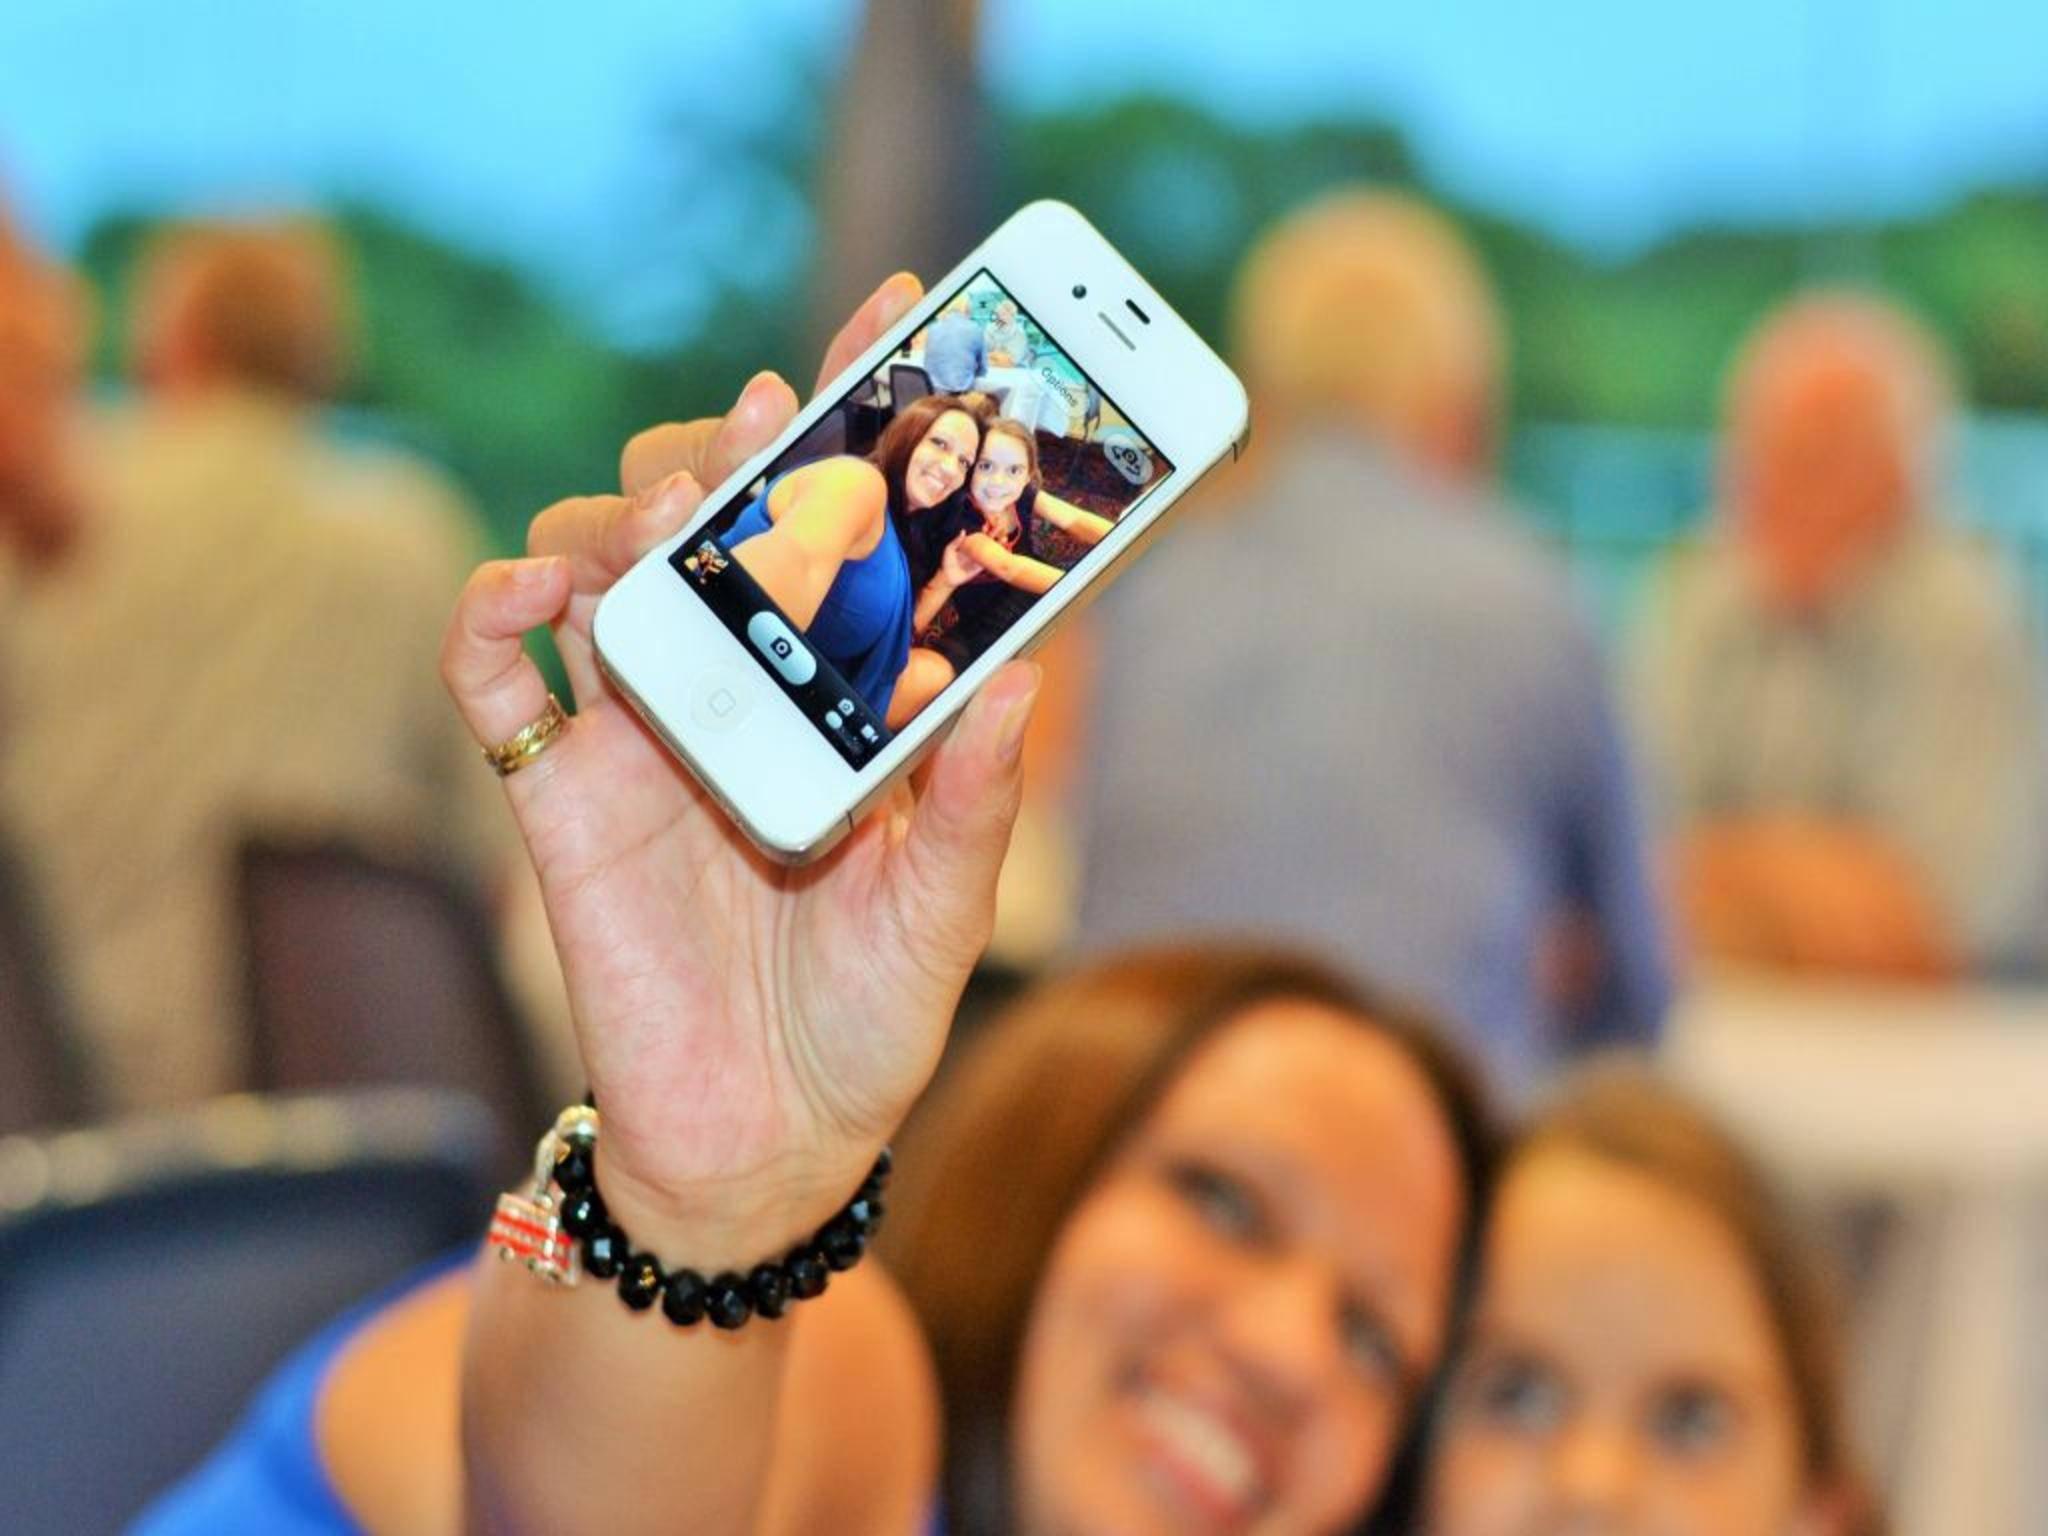 Motiv, Winkel, Licht: Beim perfekten Selfie muss man auf viele Dinge achten.